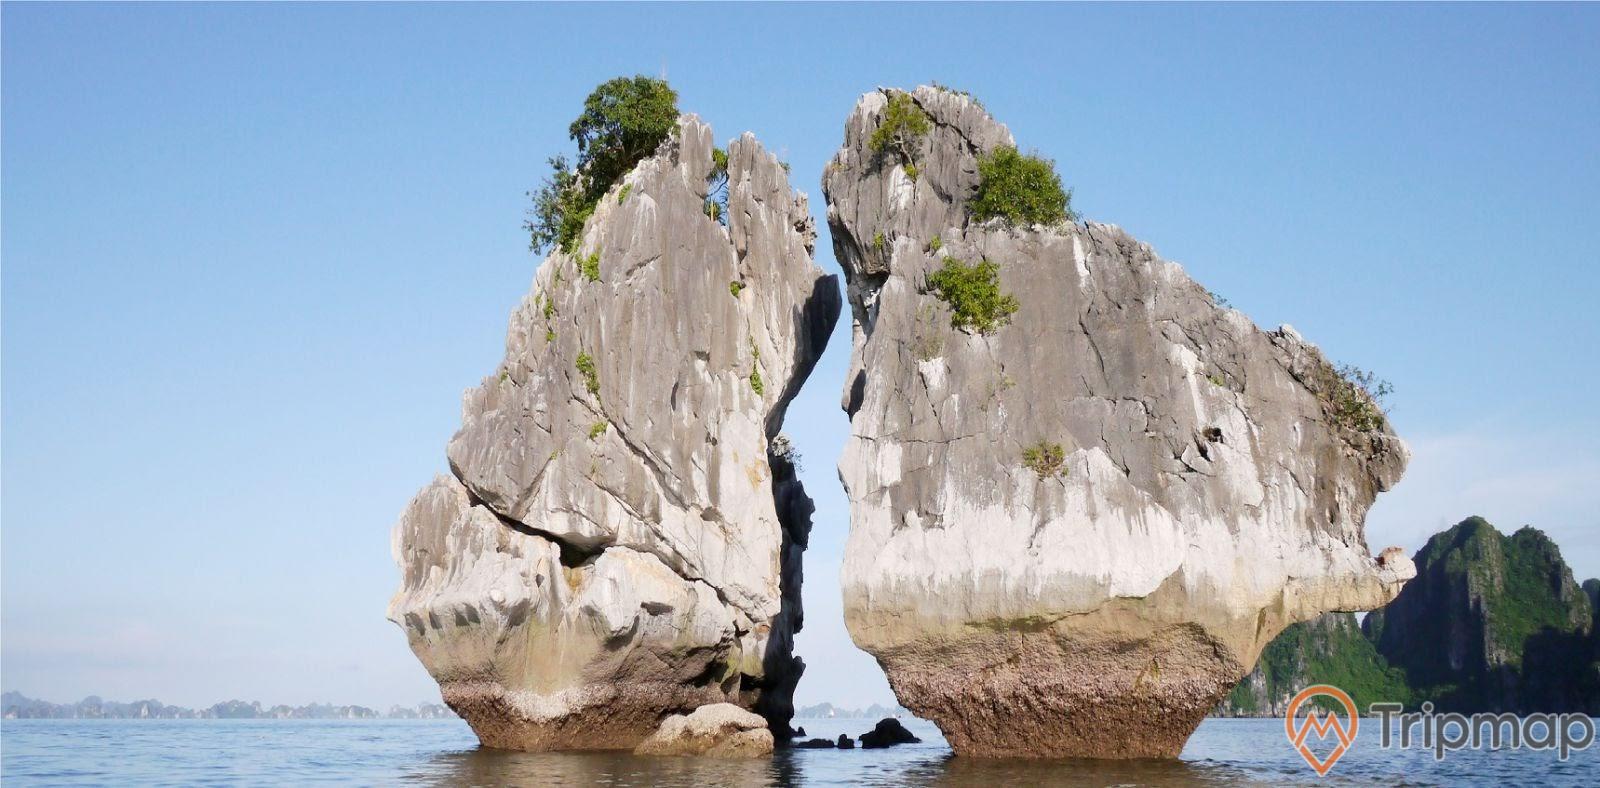 Phần chân đá của hòn Trống Mái khá nhỏ bé so với thân vì bị sóng nước bào mòn